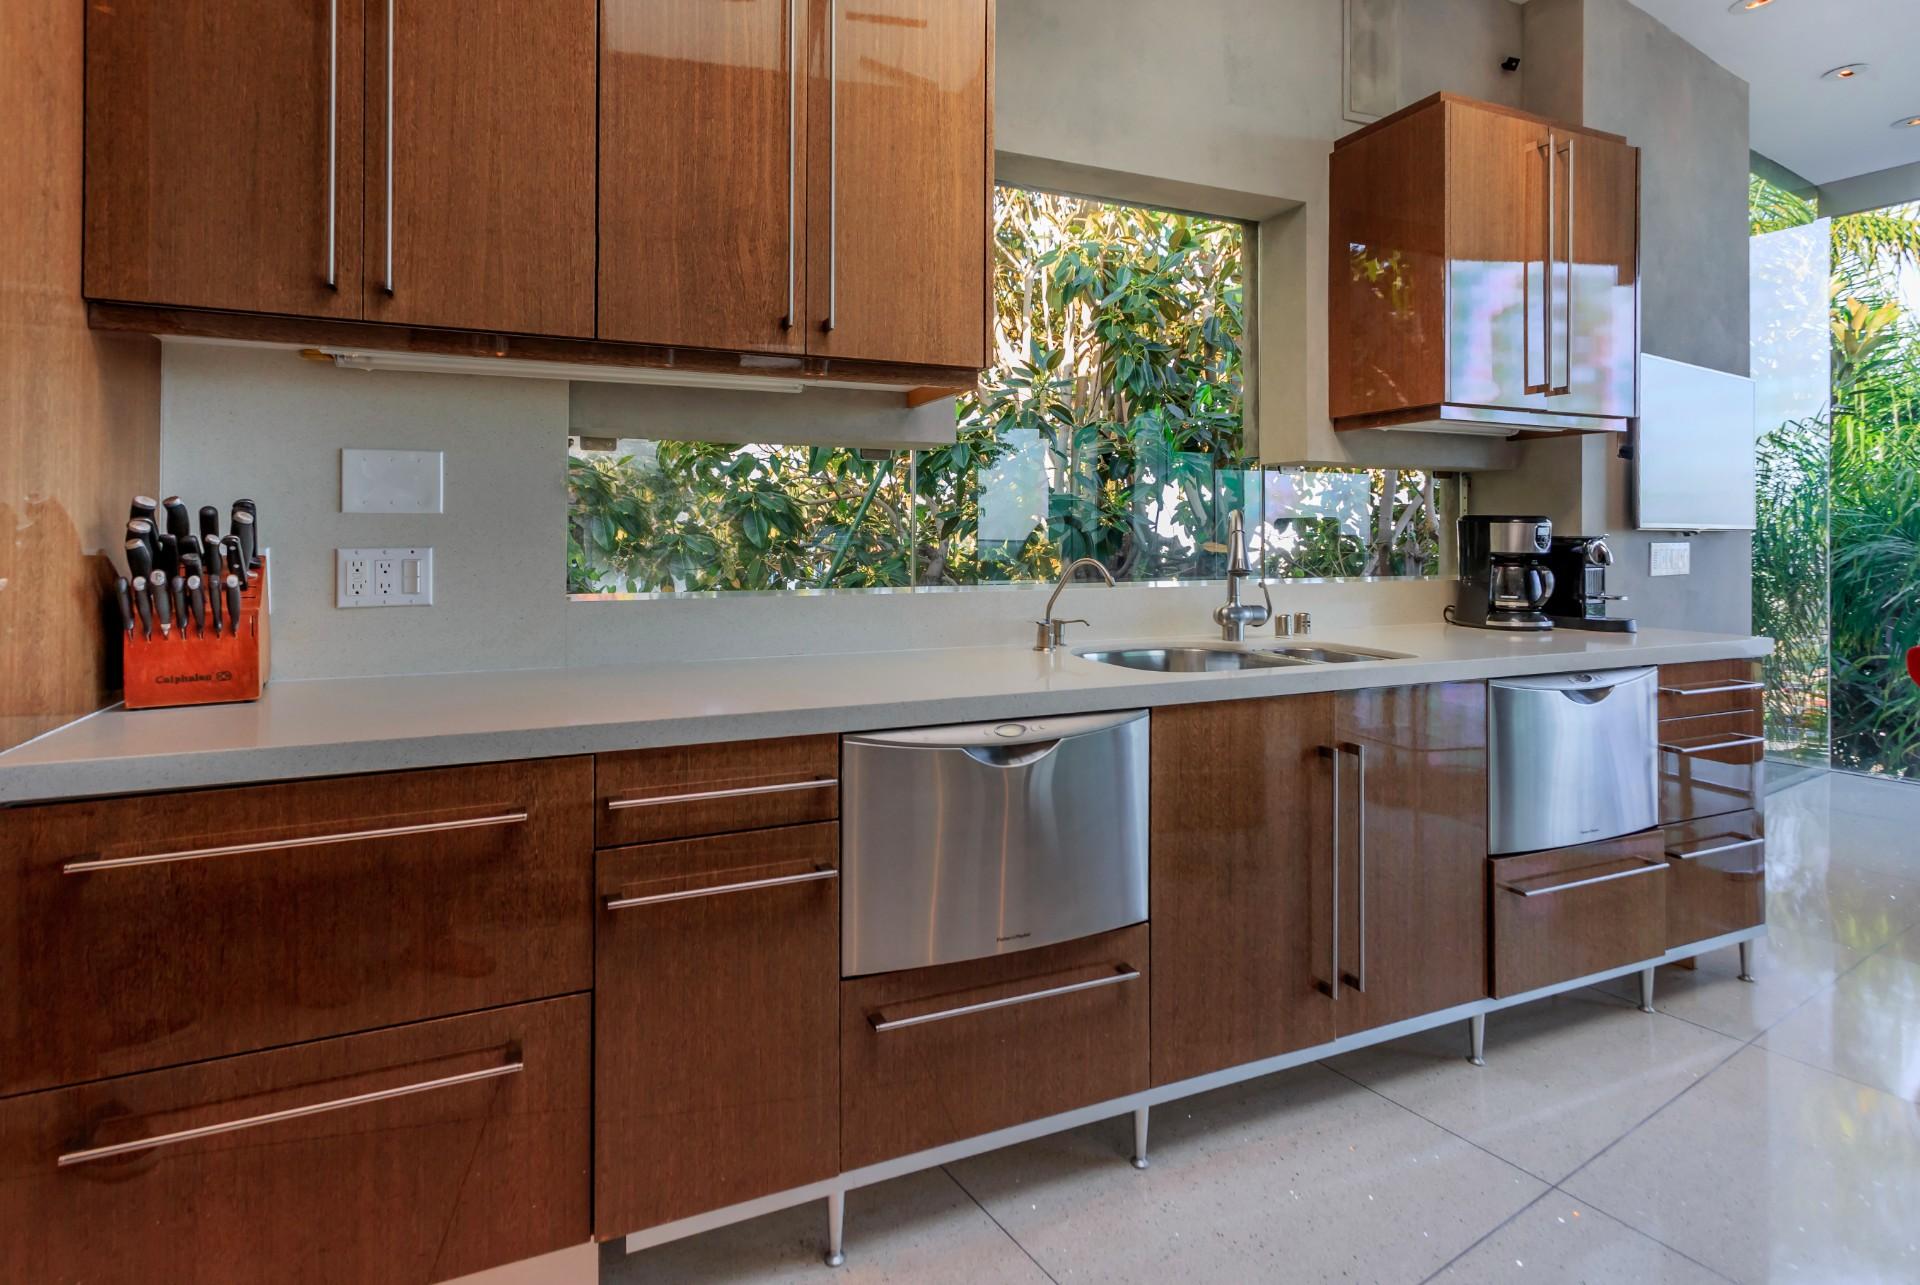 8444-Harold-Way-kitchen-sink2